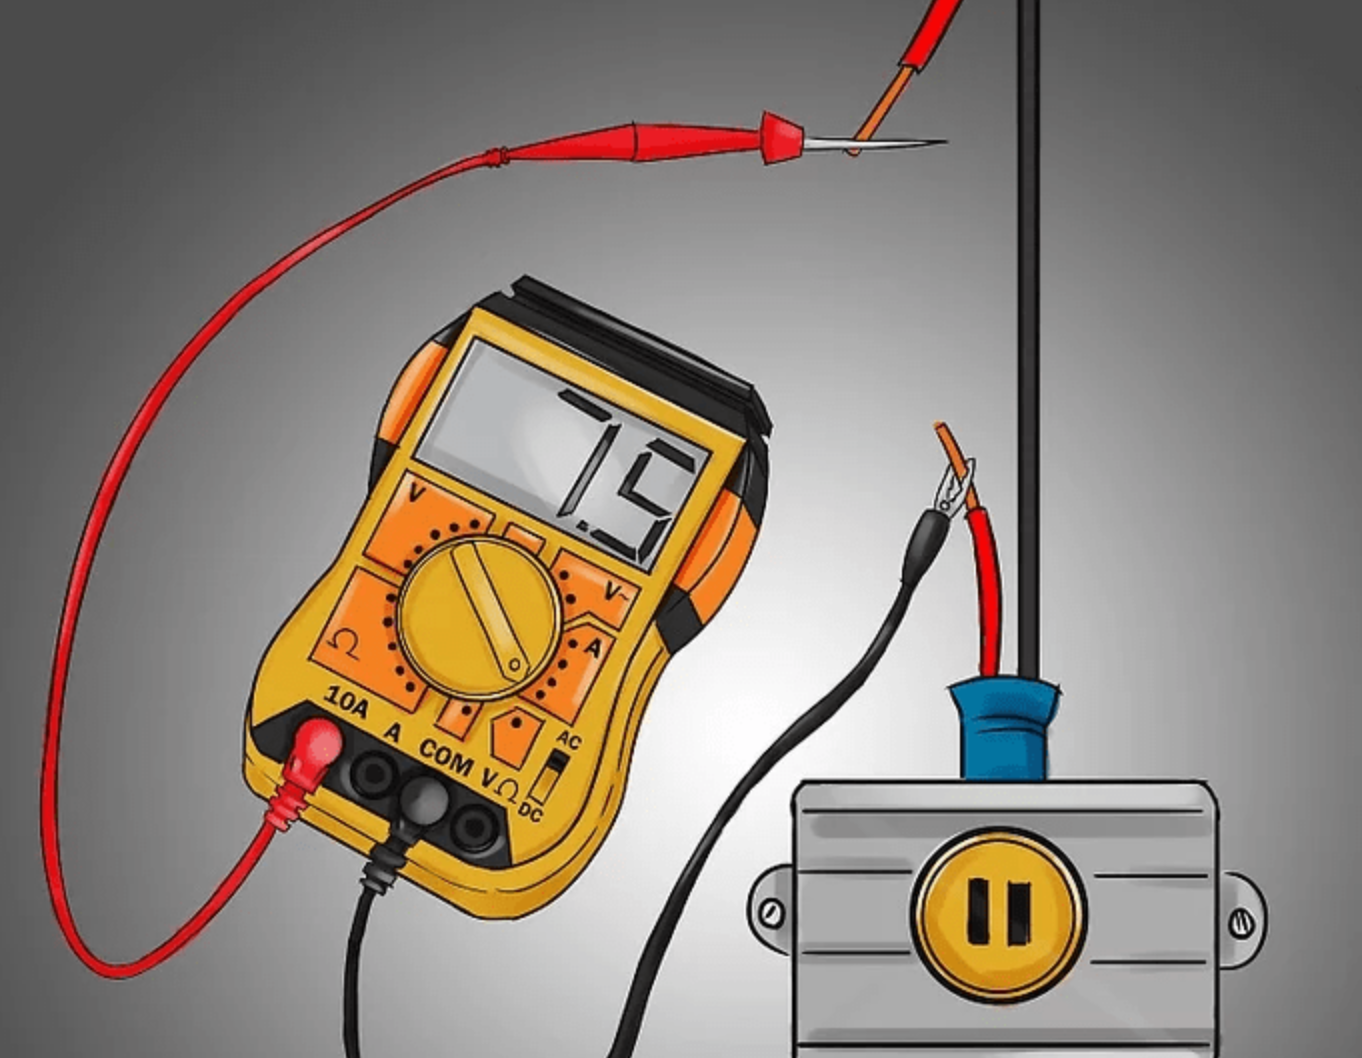 Cách sử dụng đồng hồ vạn năng để đo dòng điện